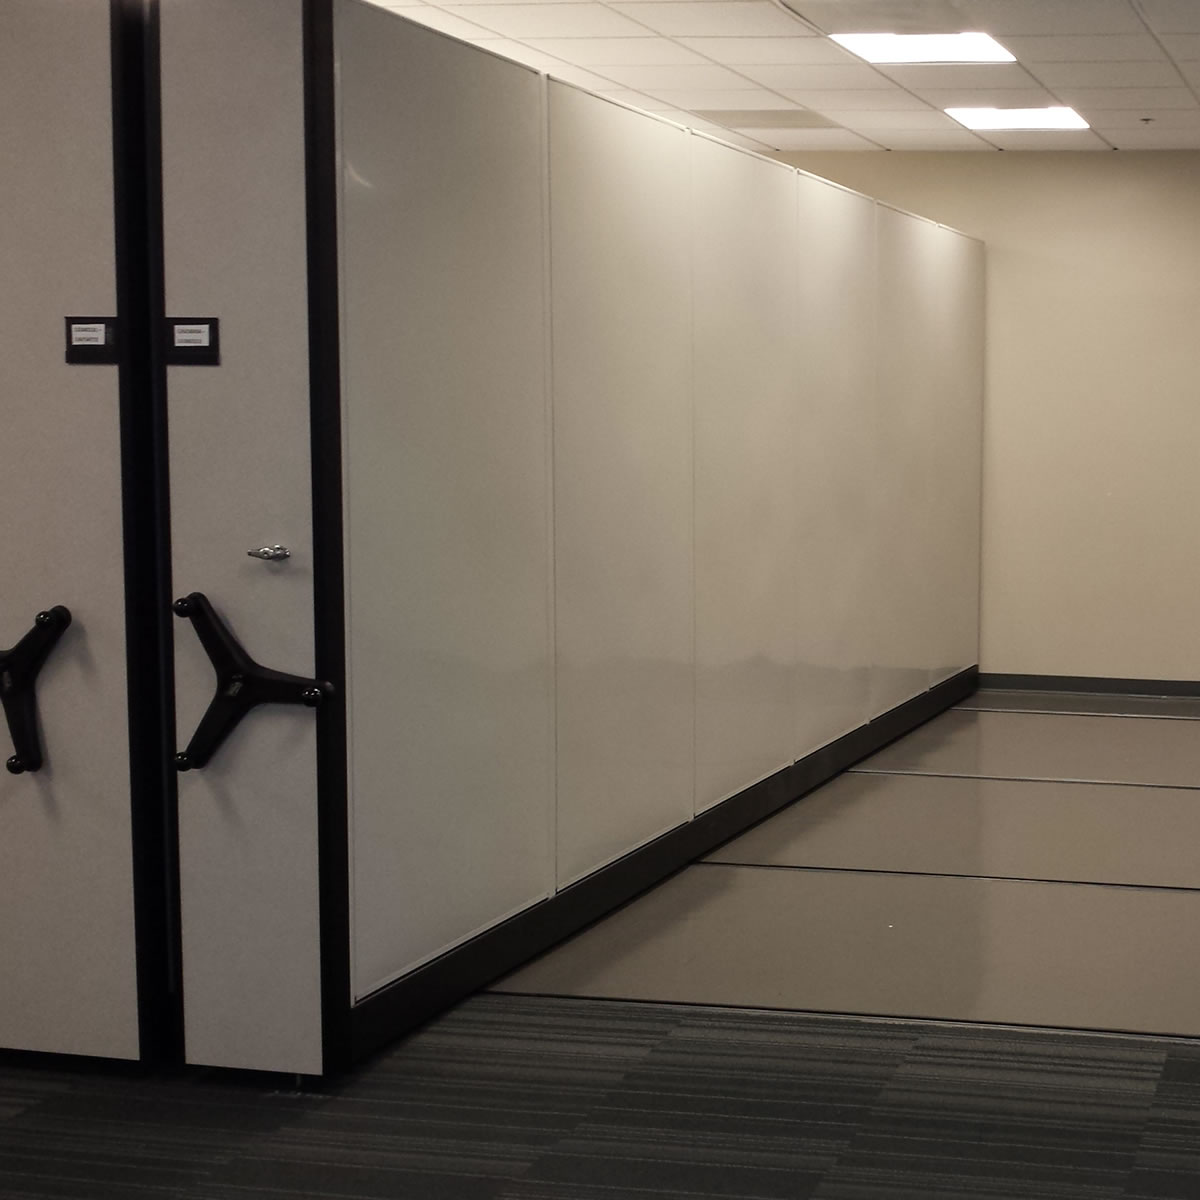 High Density Shelving Secure File System